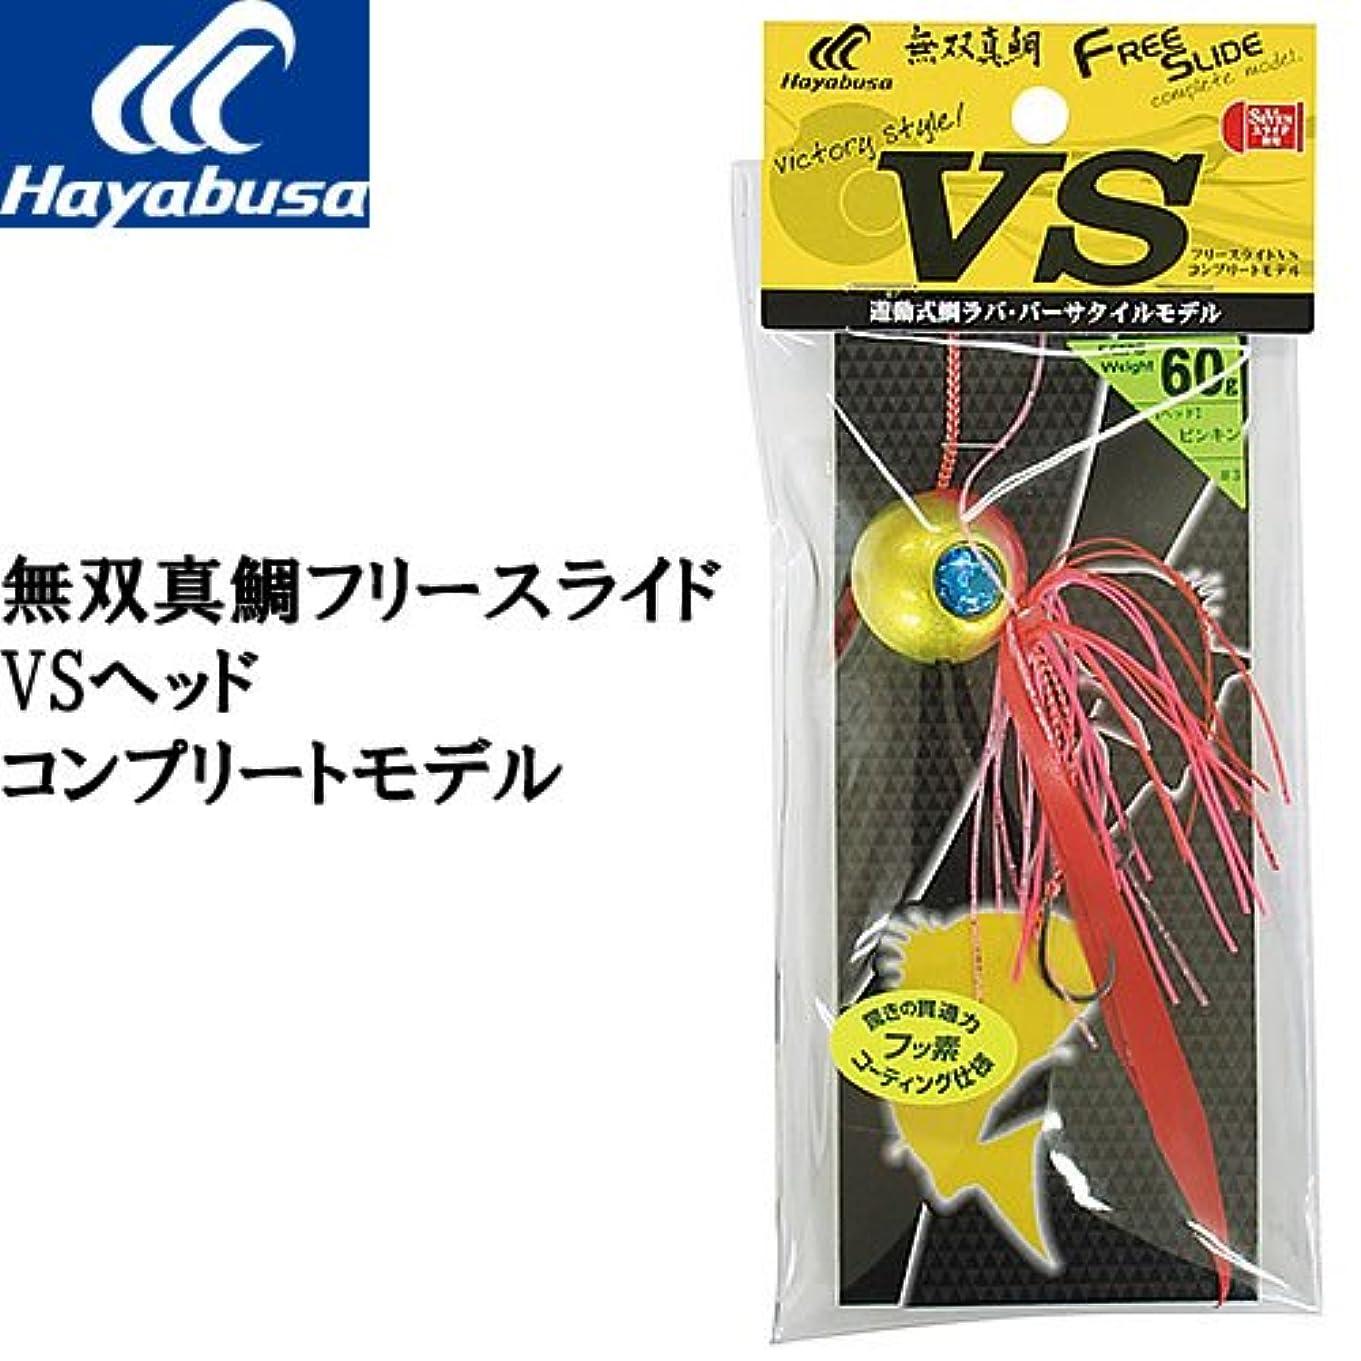 簡単に飢においハヤブサ(Hayabusa) メタルジグ ルアー 無双真鯛フリースライド VSヘッド コンプリートモデル 60g 海老オレンジ #5 SE170